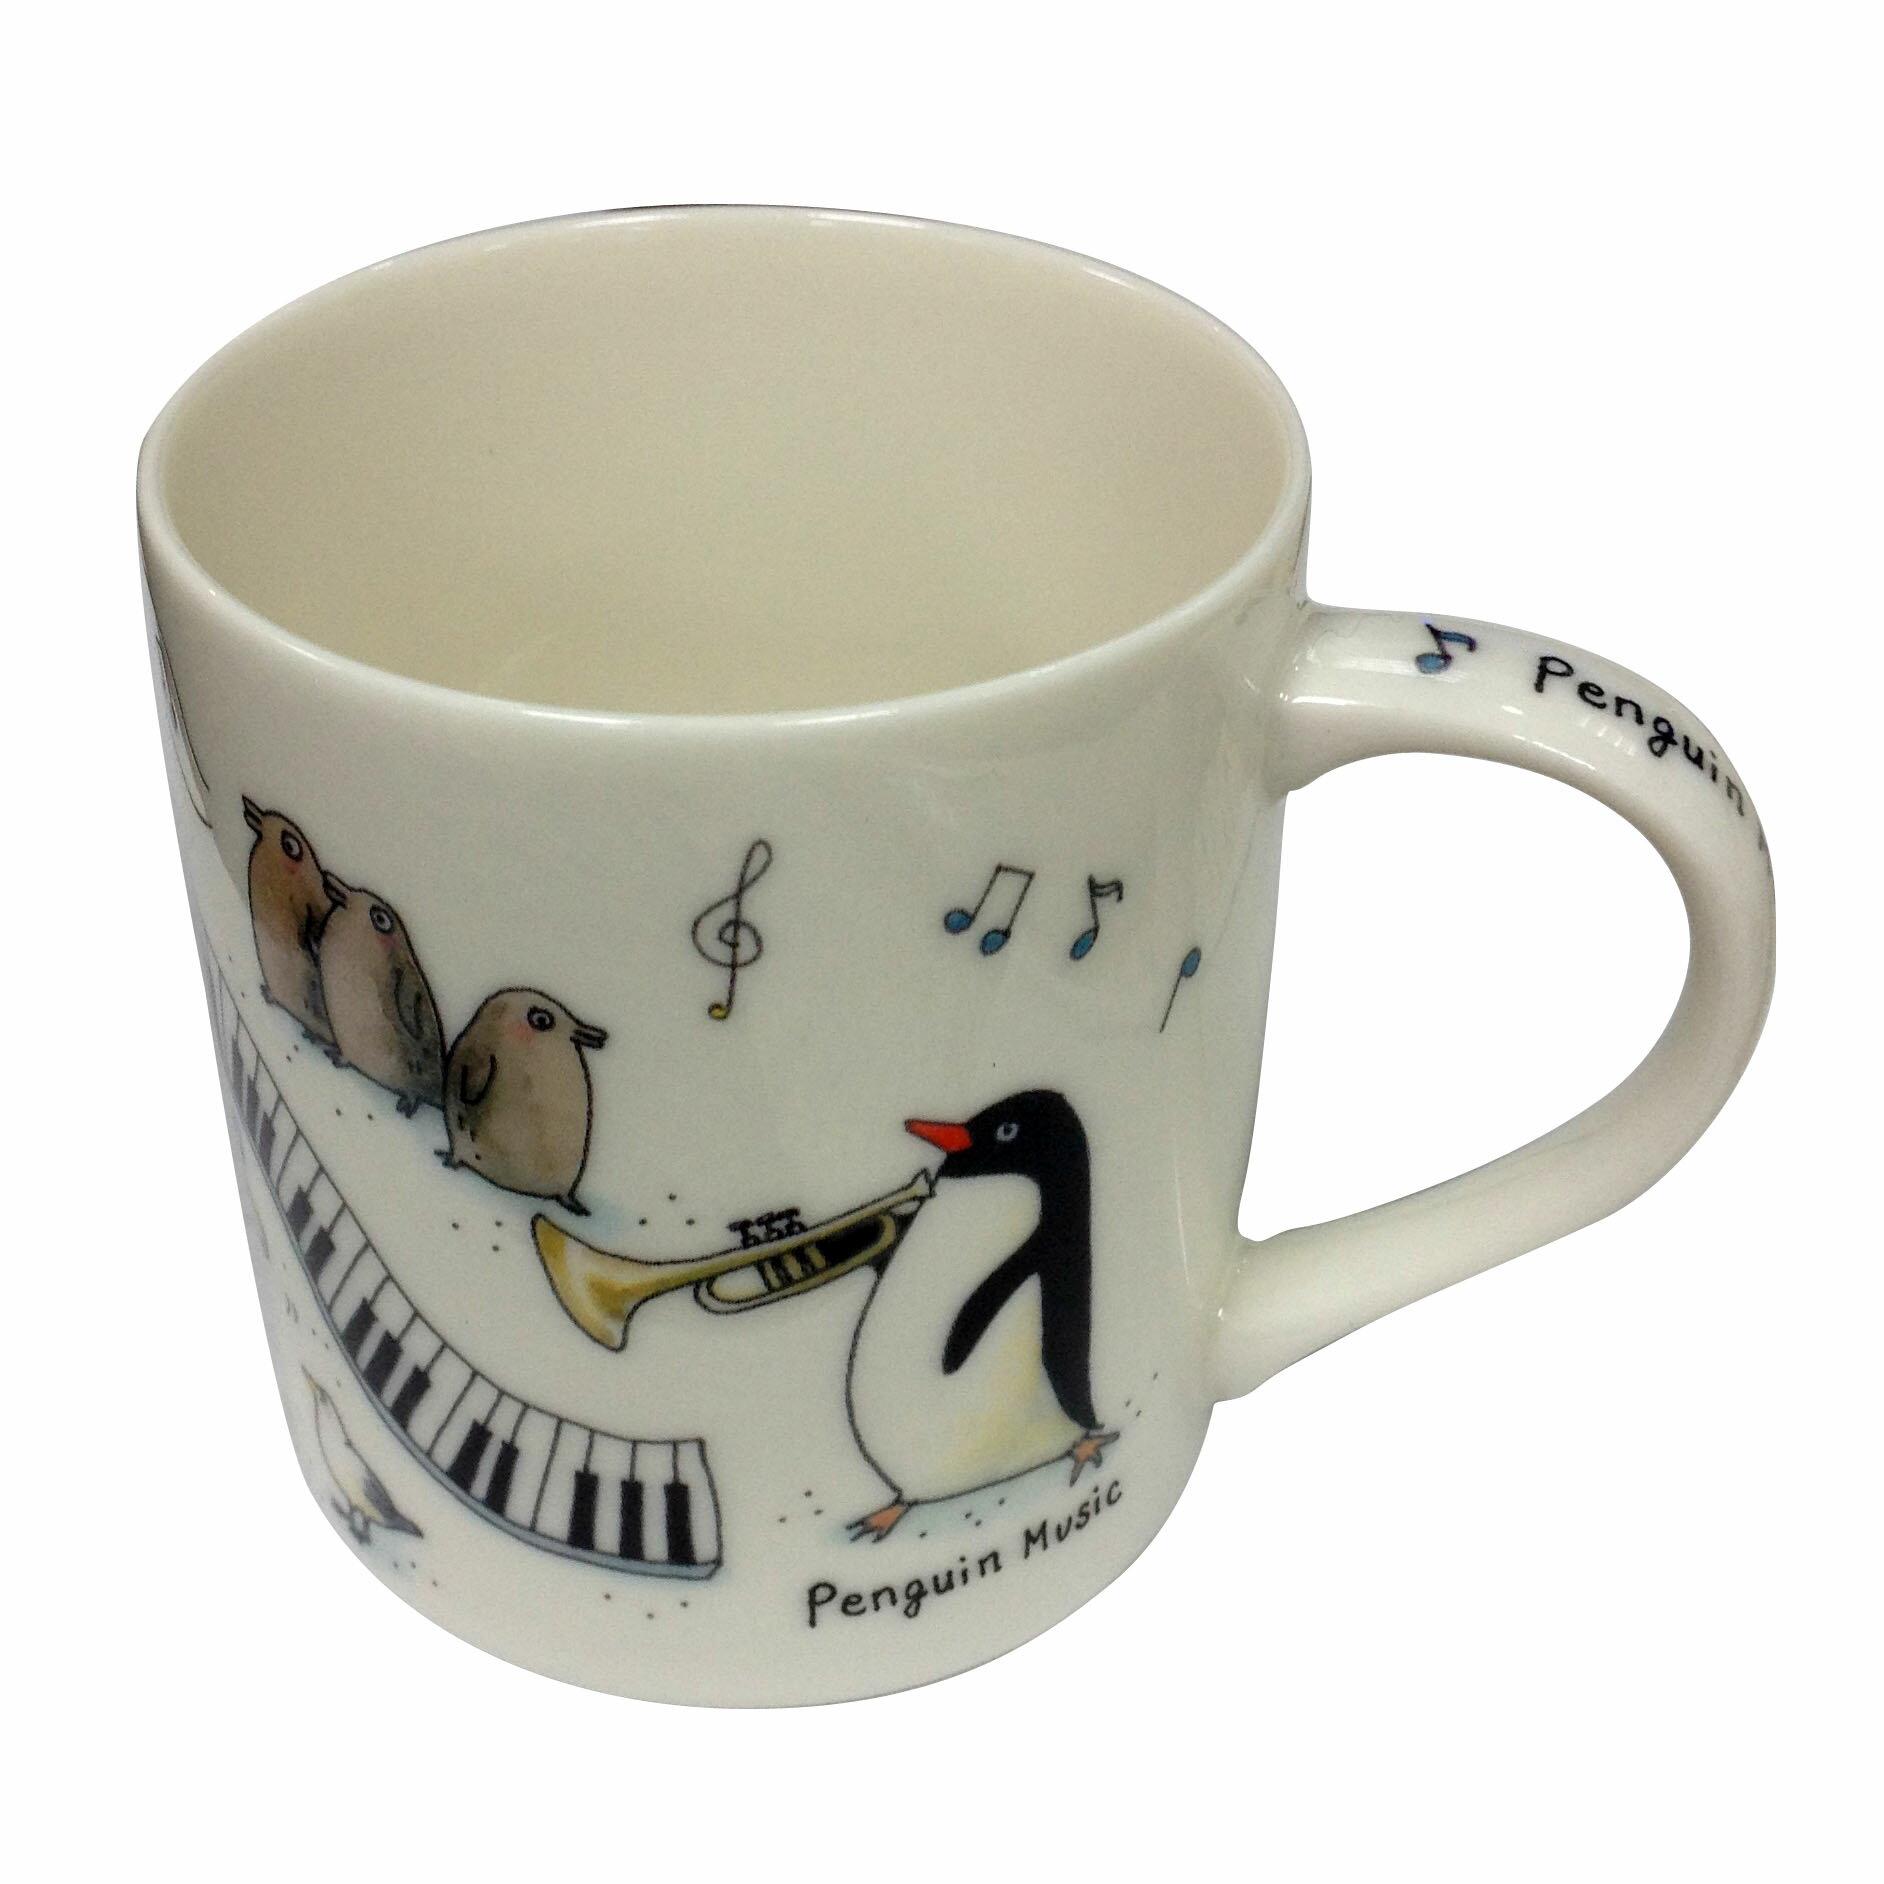 【吉澤深雪】日本精巧貓咪馬克杯-企鵝音樂會